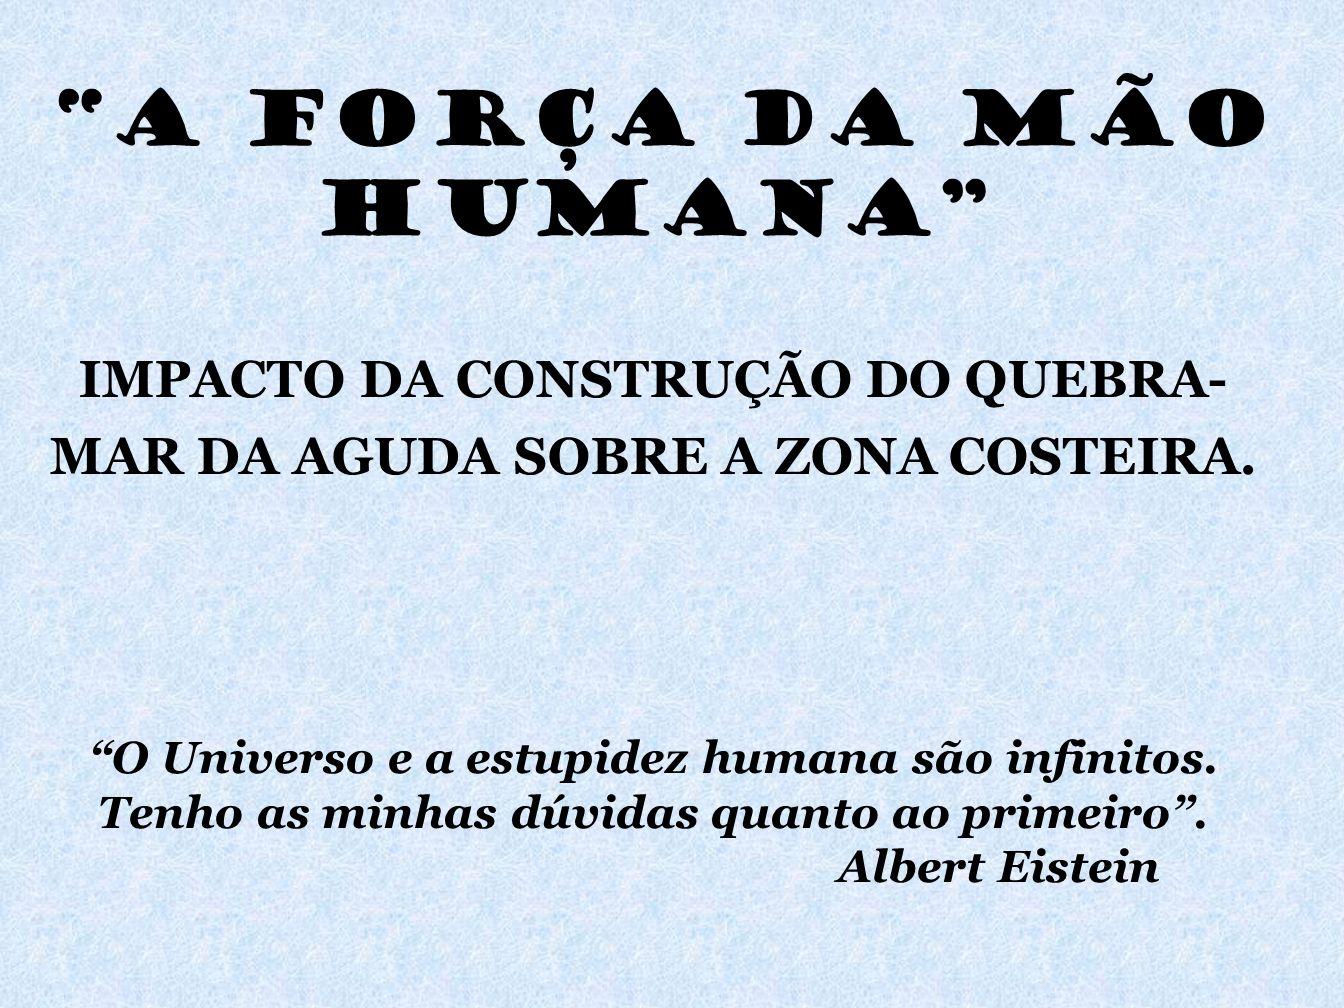 A FORÇA DA MÃO HUMANA IMPACTO DA CONSTRUÇÃO DO QUEBRA- MAR DA AGUDA SOBRE A ZONA COSTEIRA. O Universo e a estupidez humana são infinitos. Tenho as min